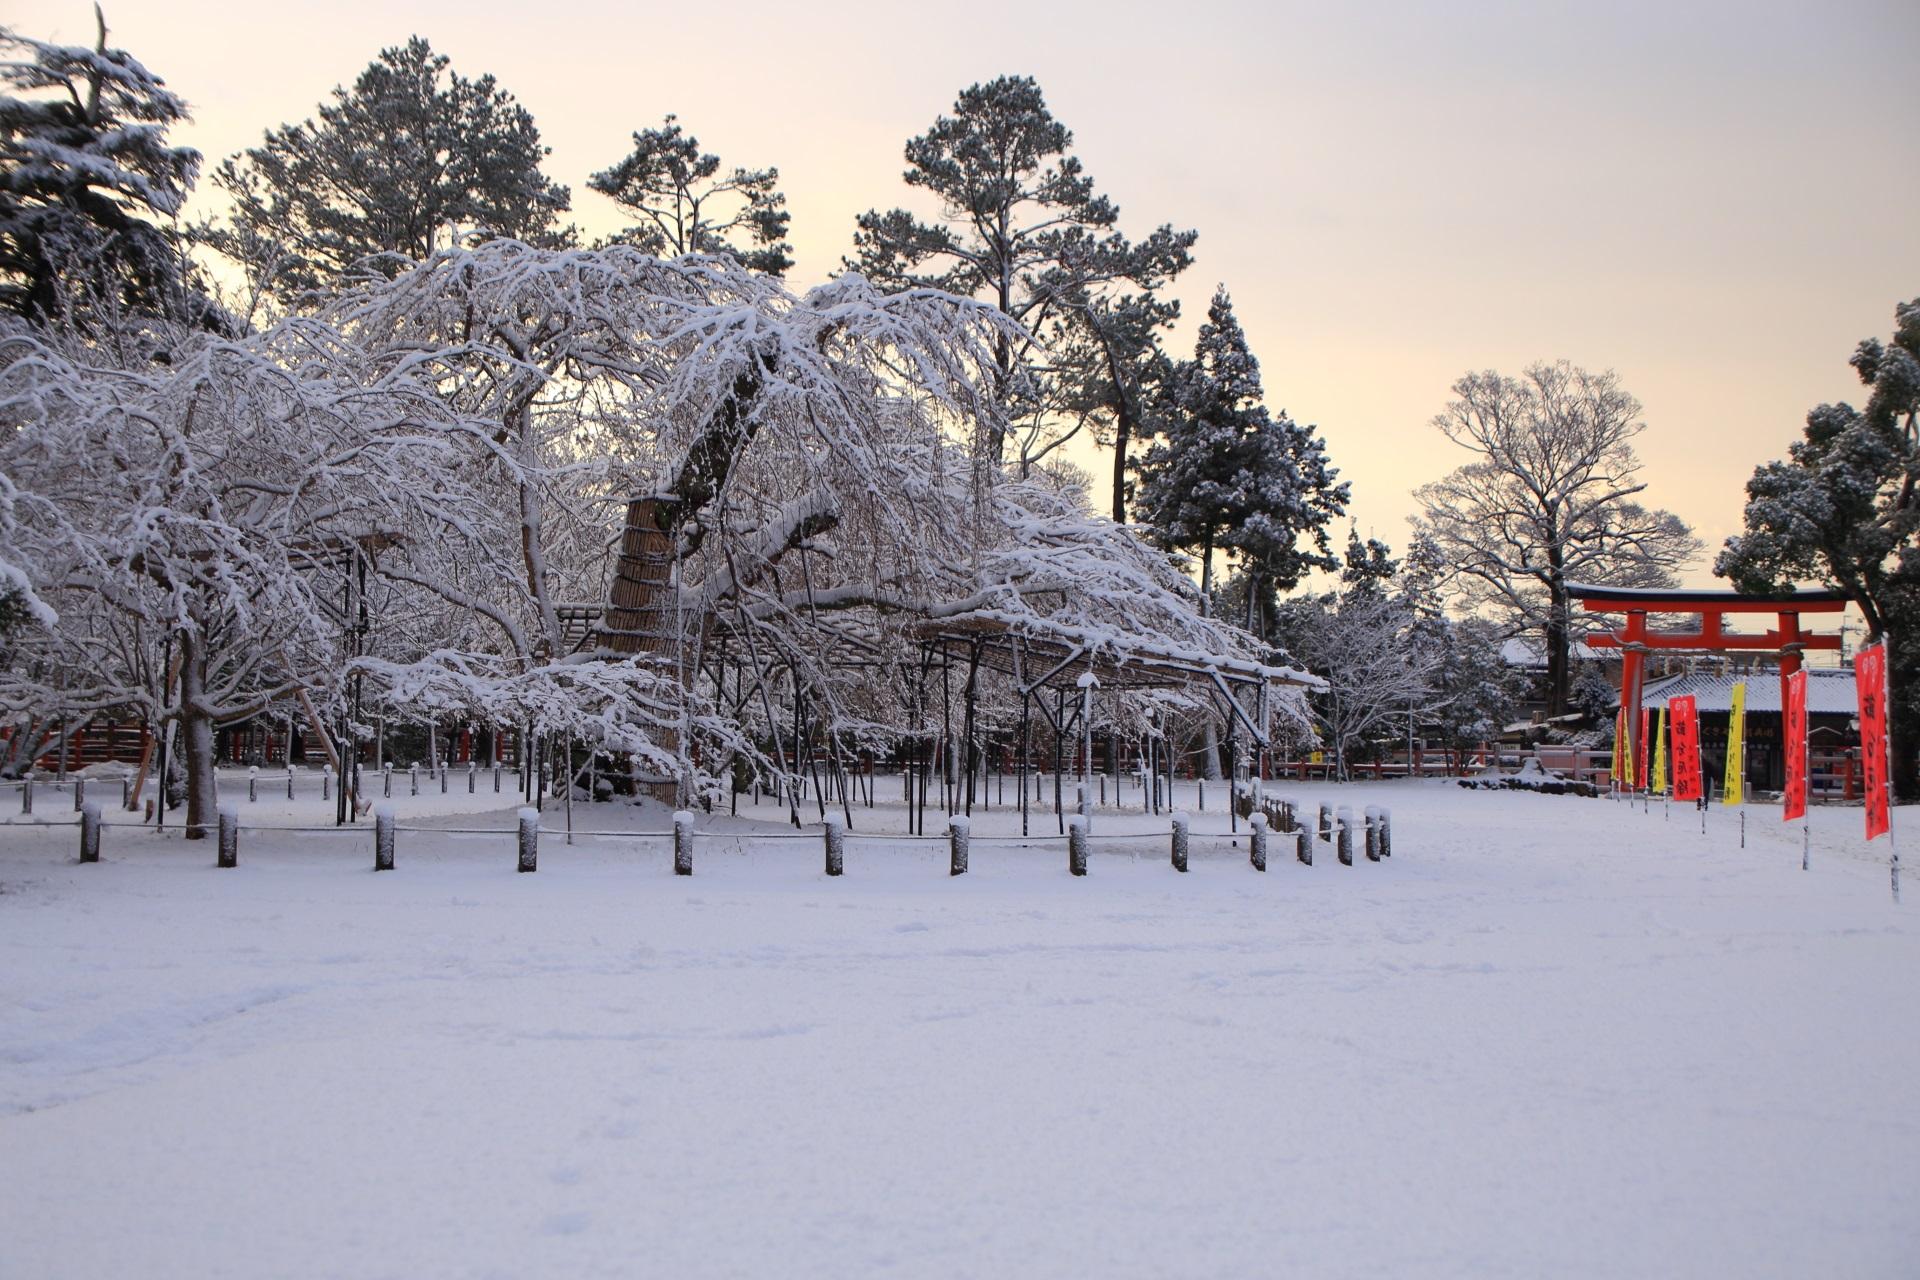 上賀茂神社の赤い鳥居と雪の白いしだれ桜